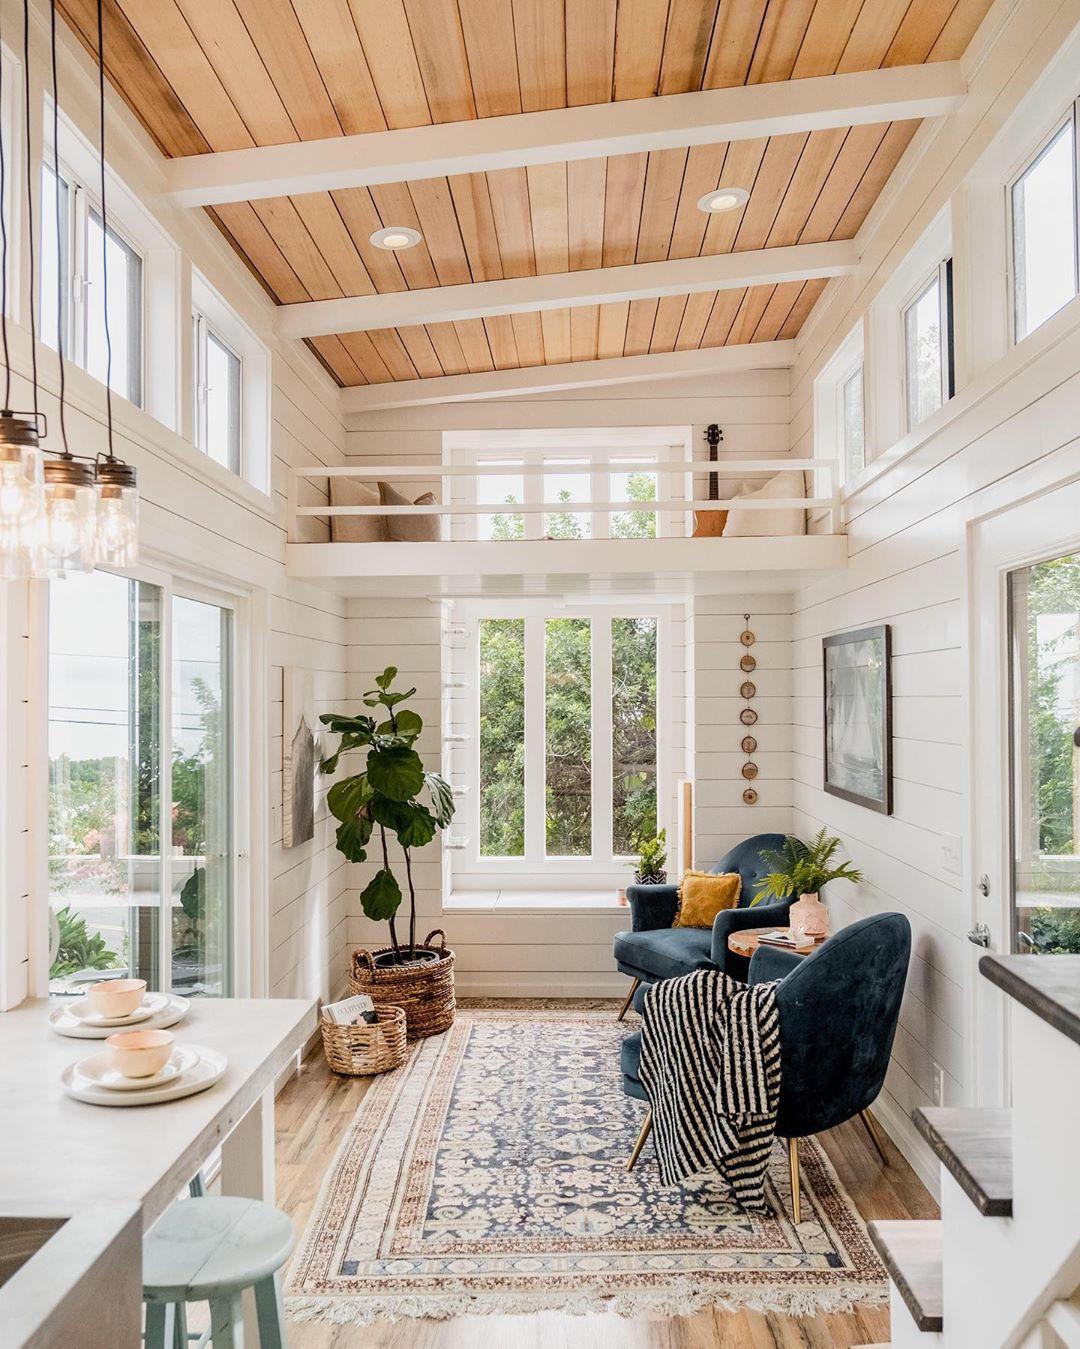 11 Beautifully Designed Tiny Homes